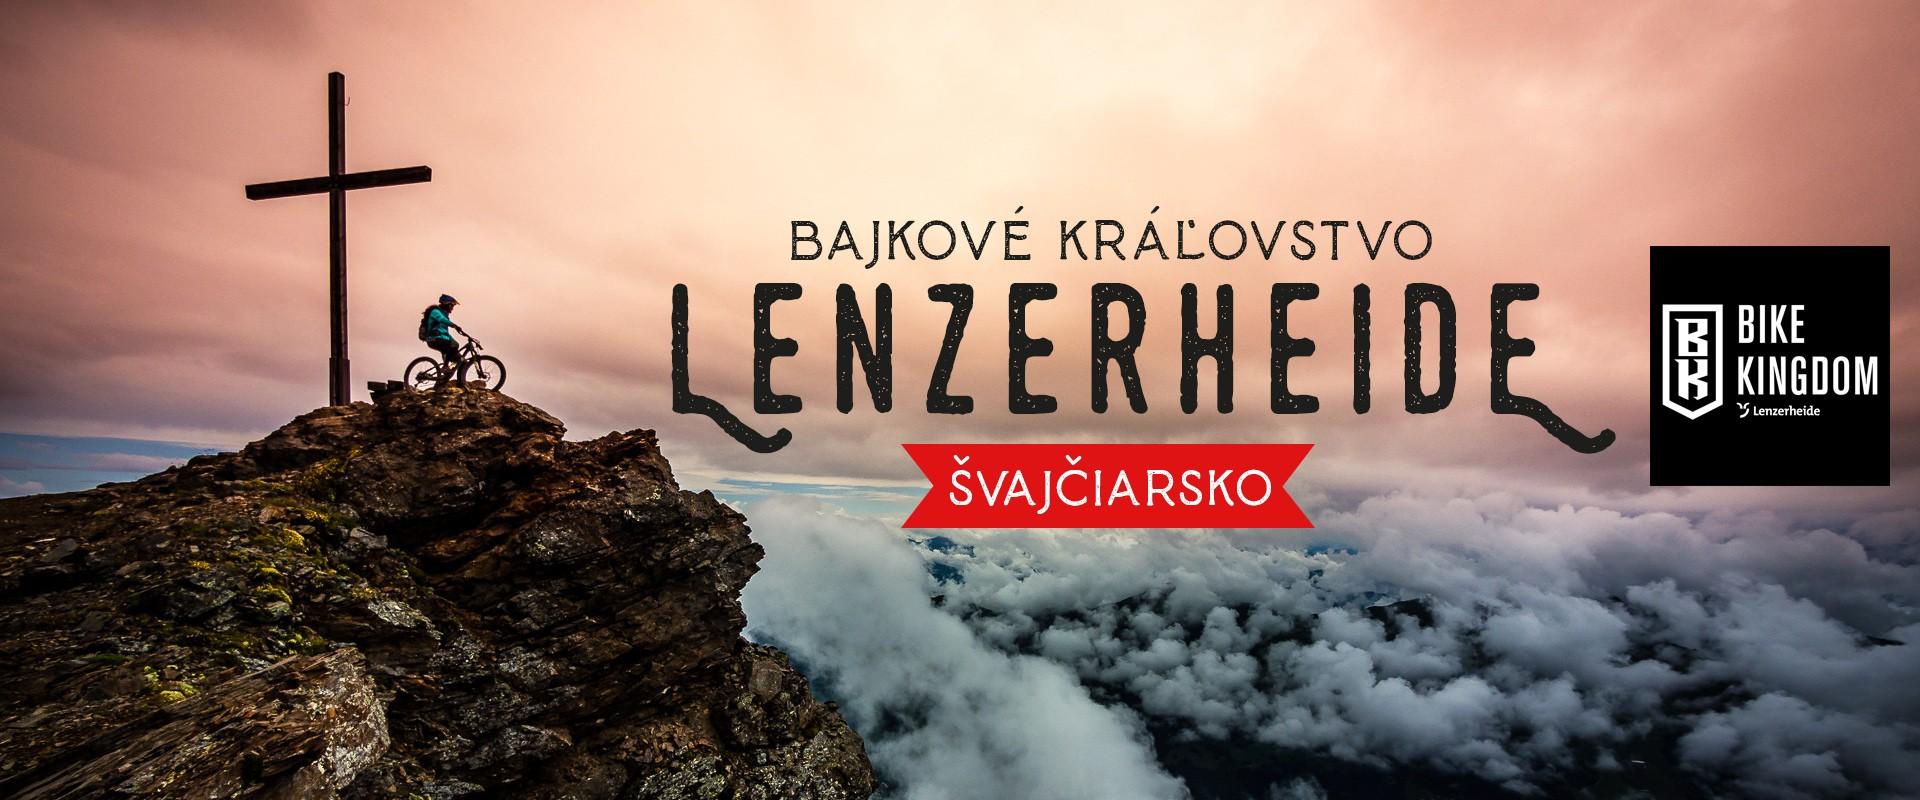 Bike Kingdom Lenzerheide - ako sa jazdí v bajkovom kráľovstve?